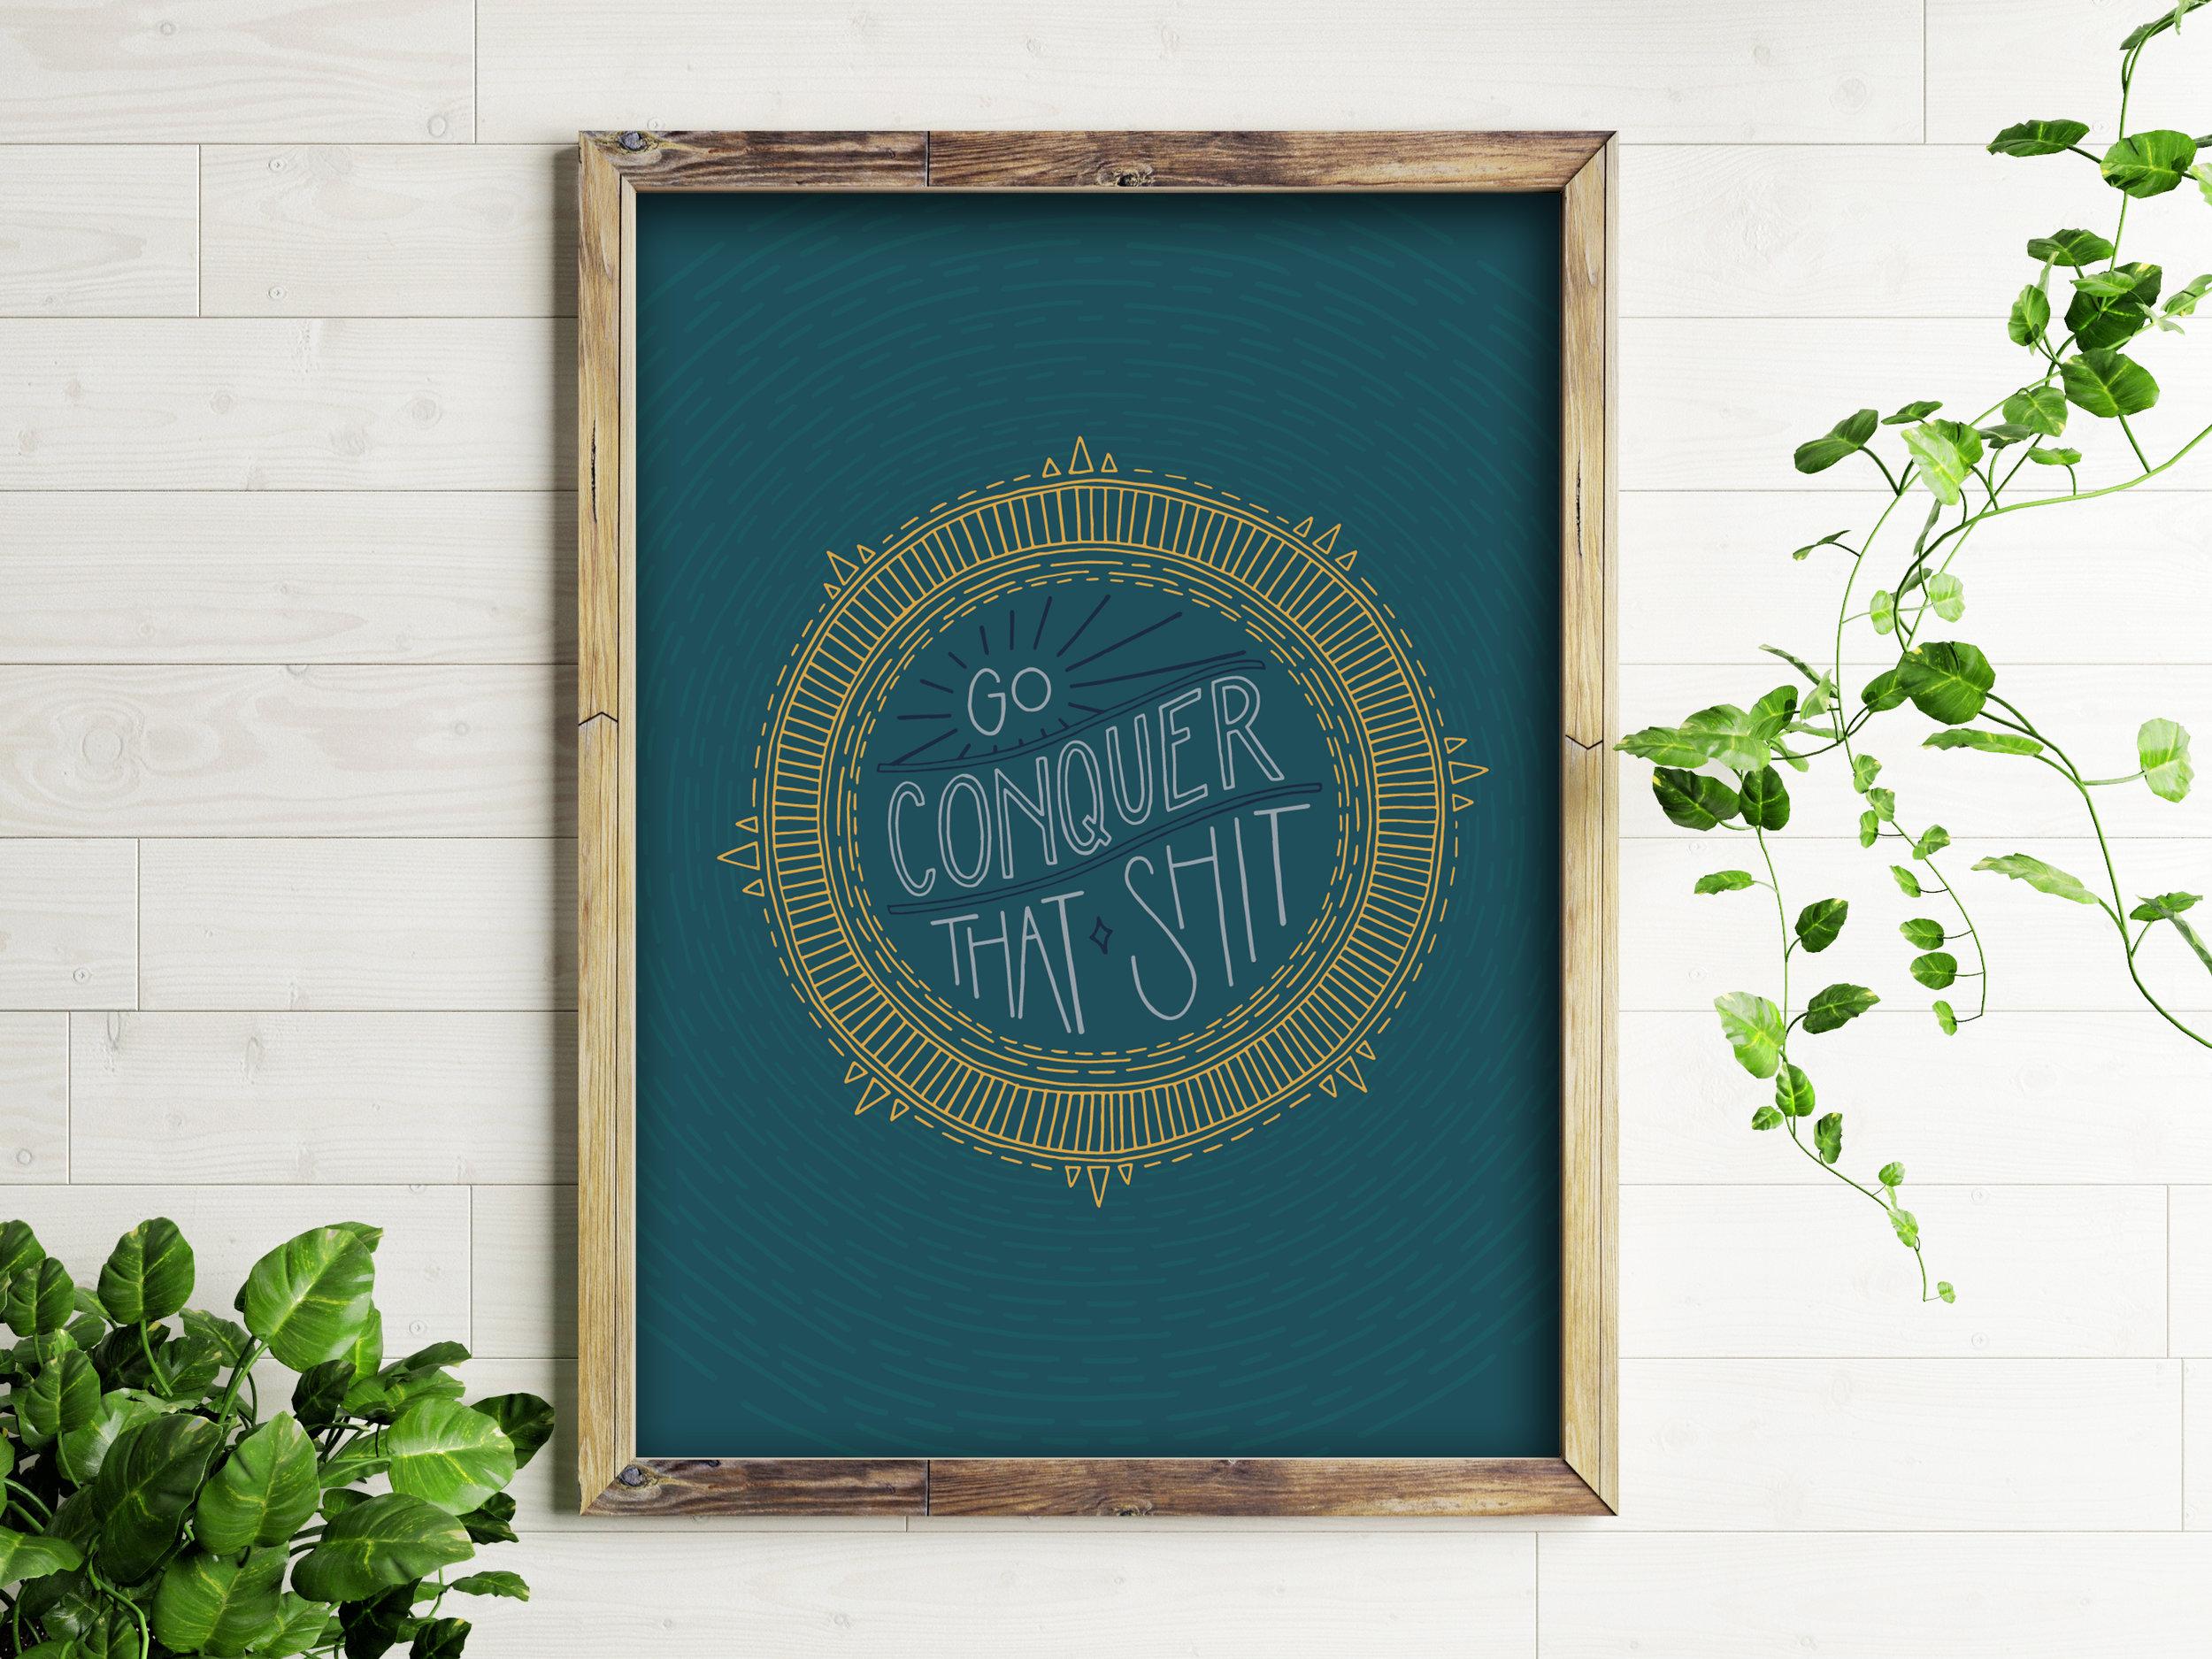 Conquer 1.jpg